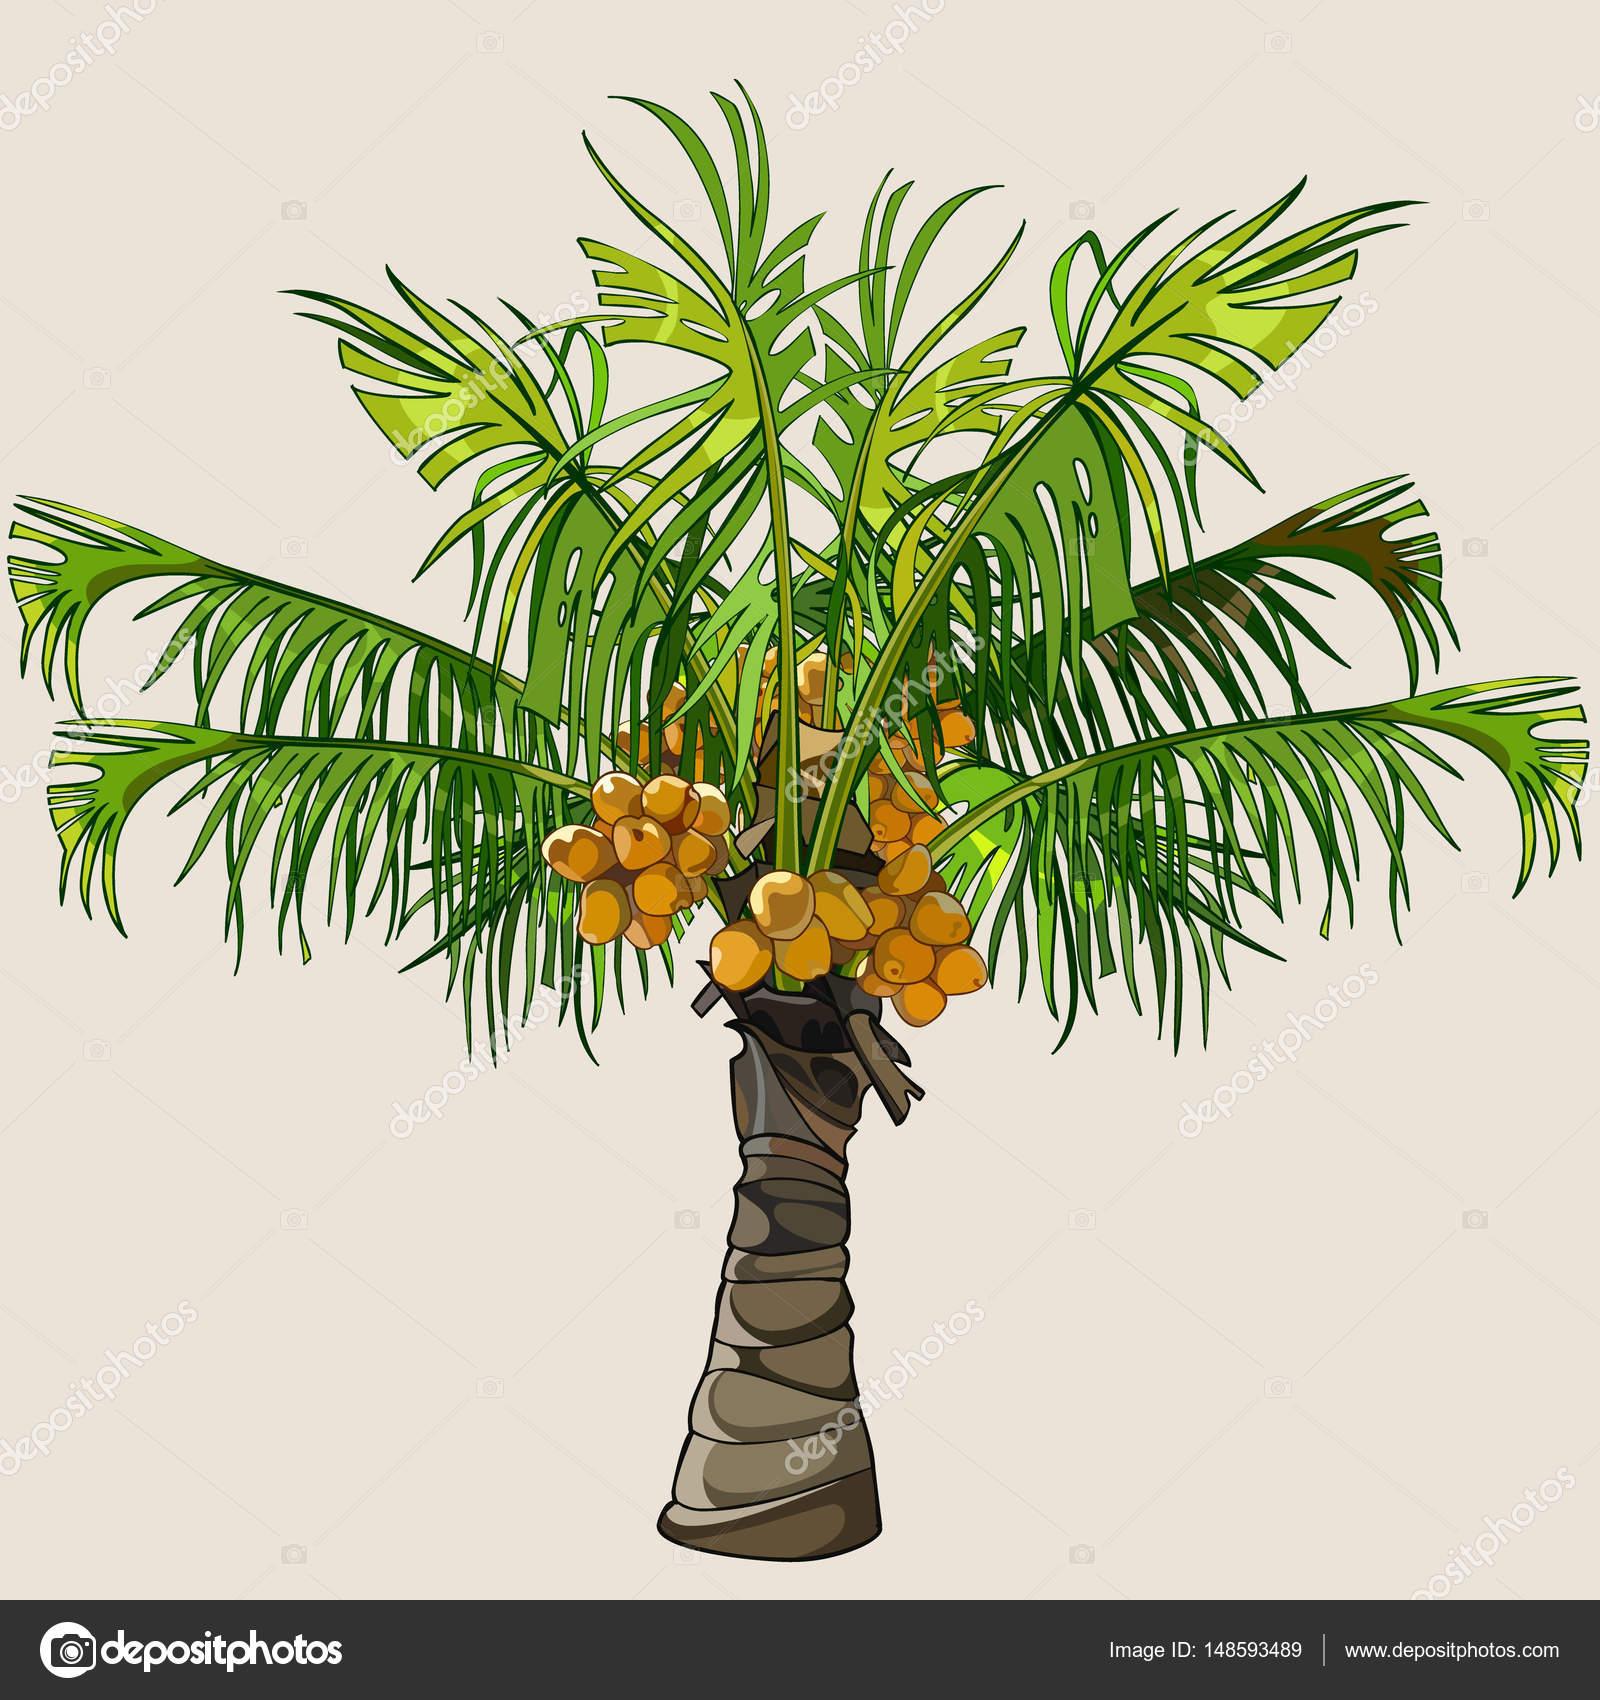 Dessin anim petit palmier avec noix de coco image - Palmier noix de coco ...